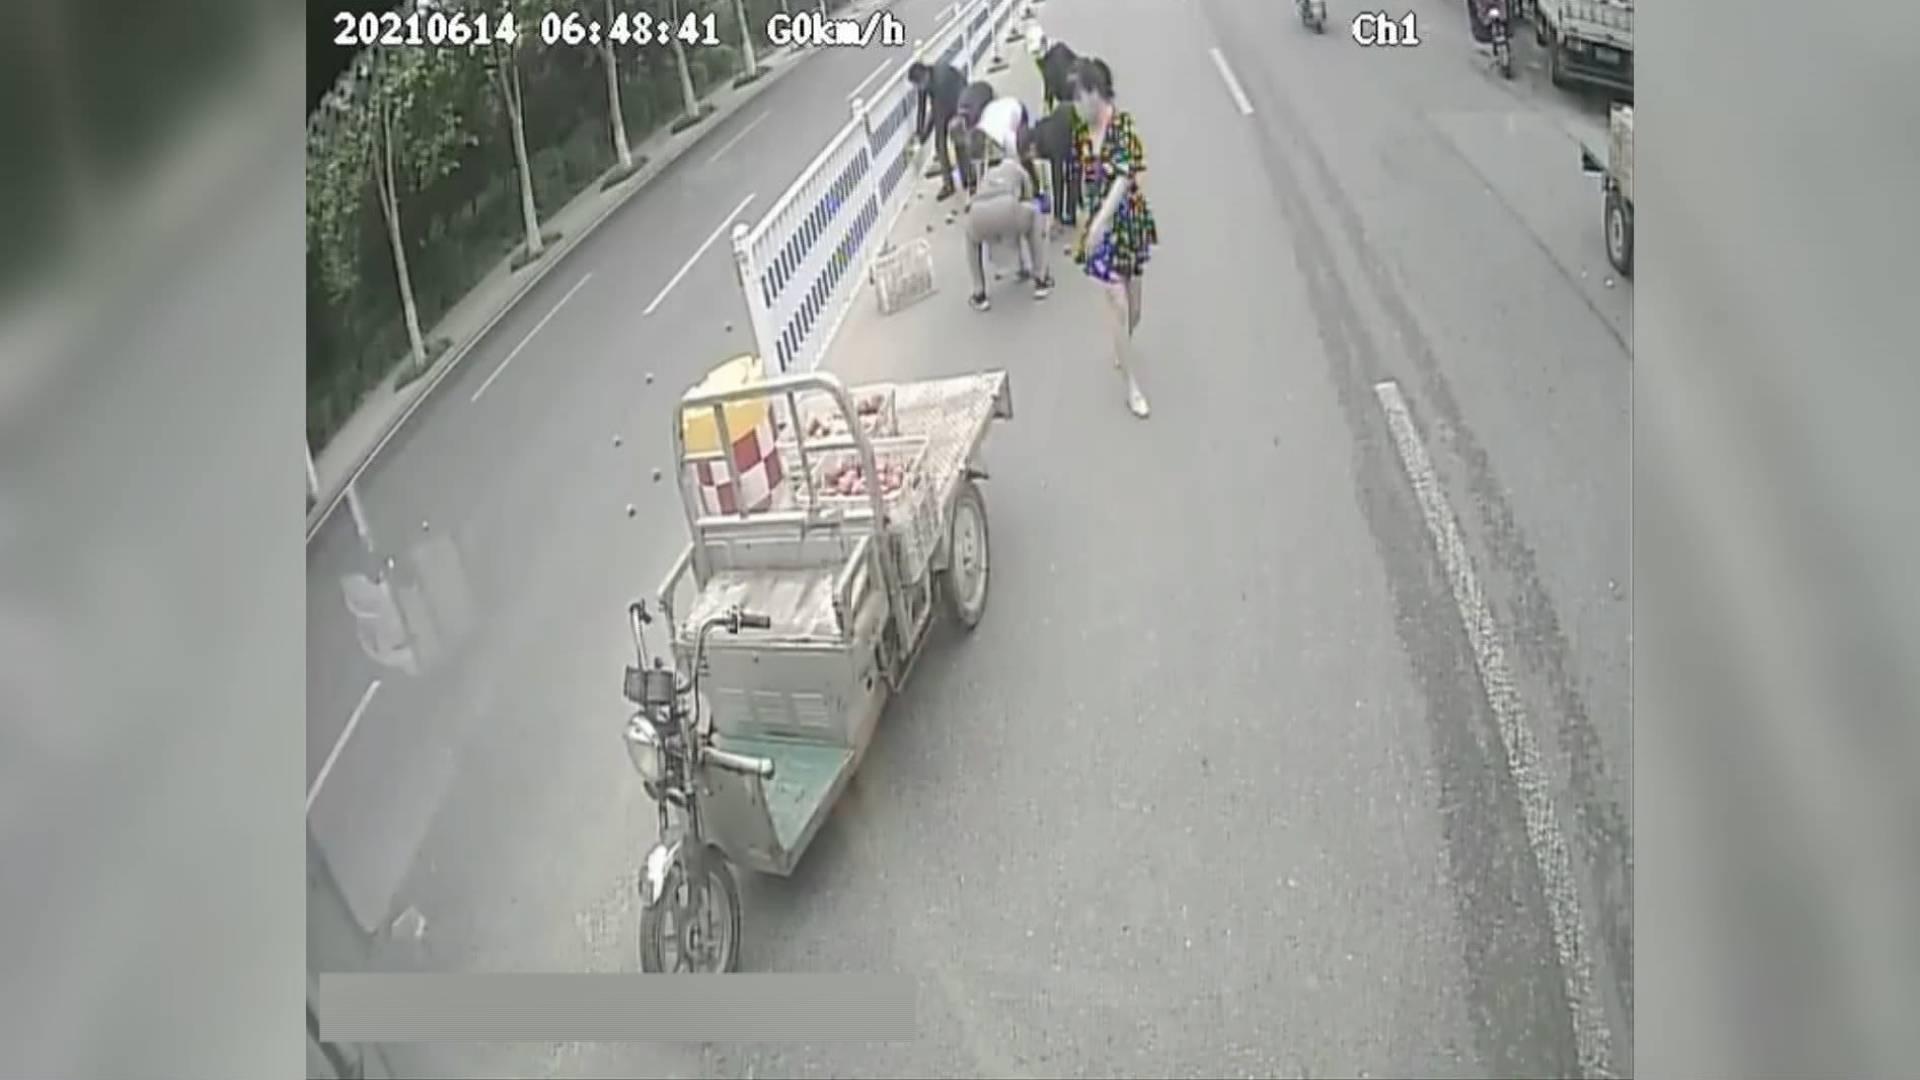 暖心!路遇三轮车上苹果散落 青岛公交司机周边市民主动帮忙捡拾